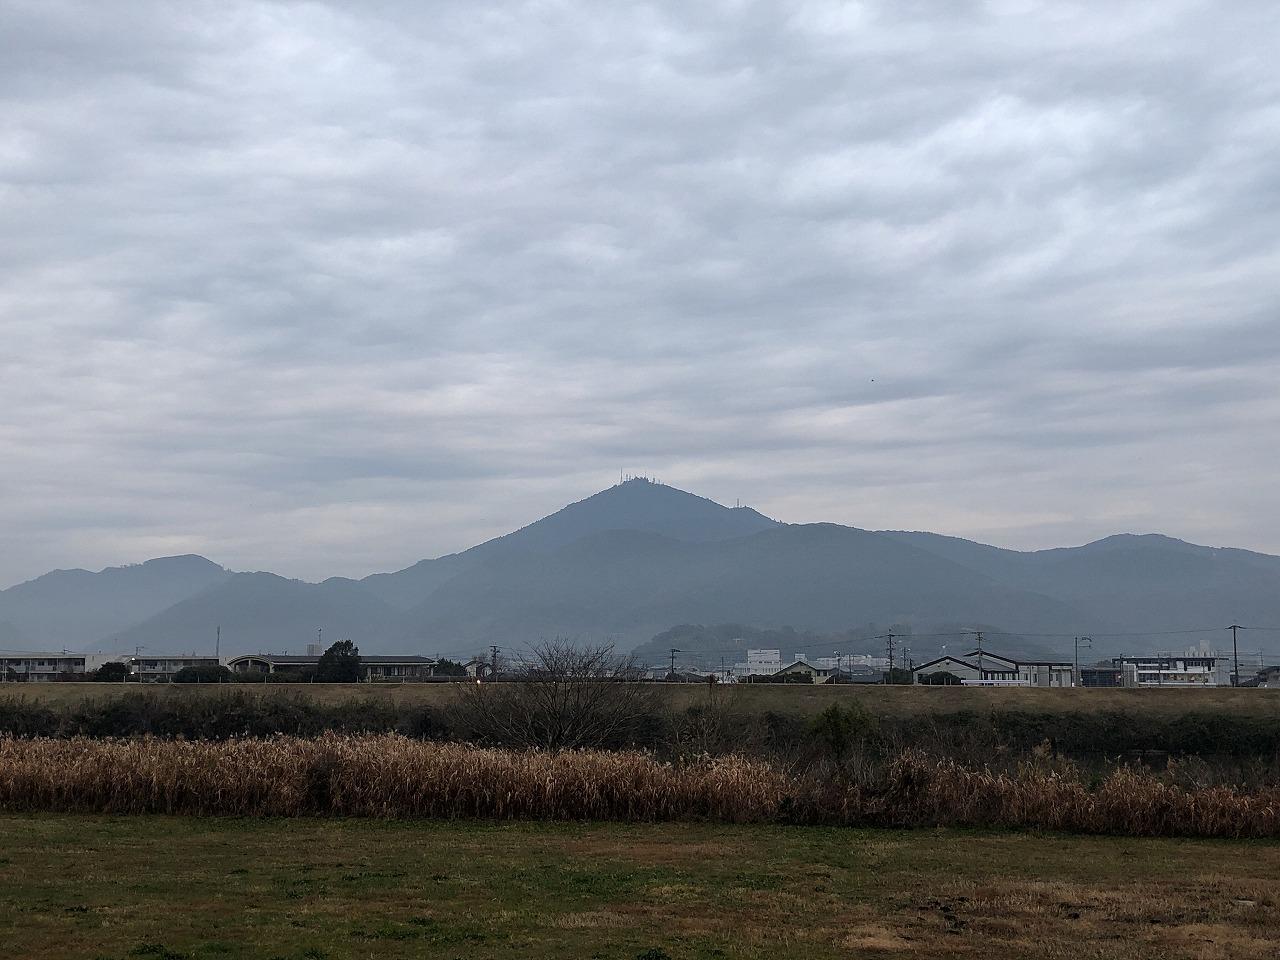 2019.12.25今朝の金峰山です!